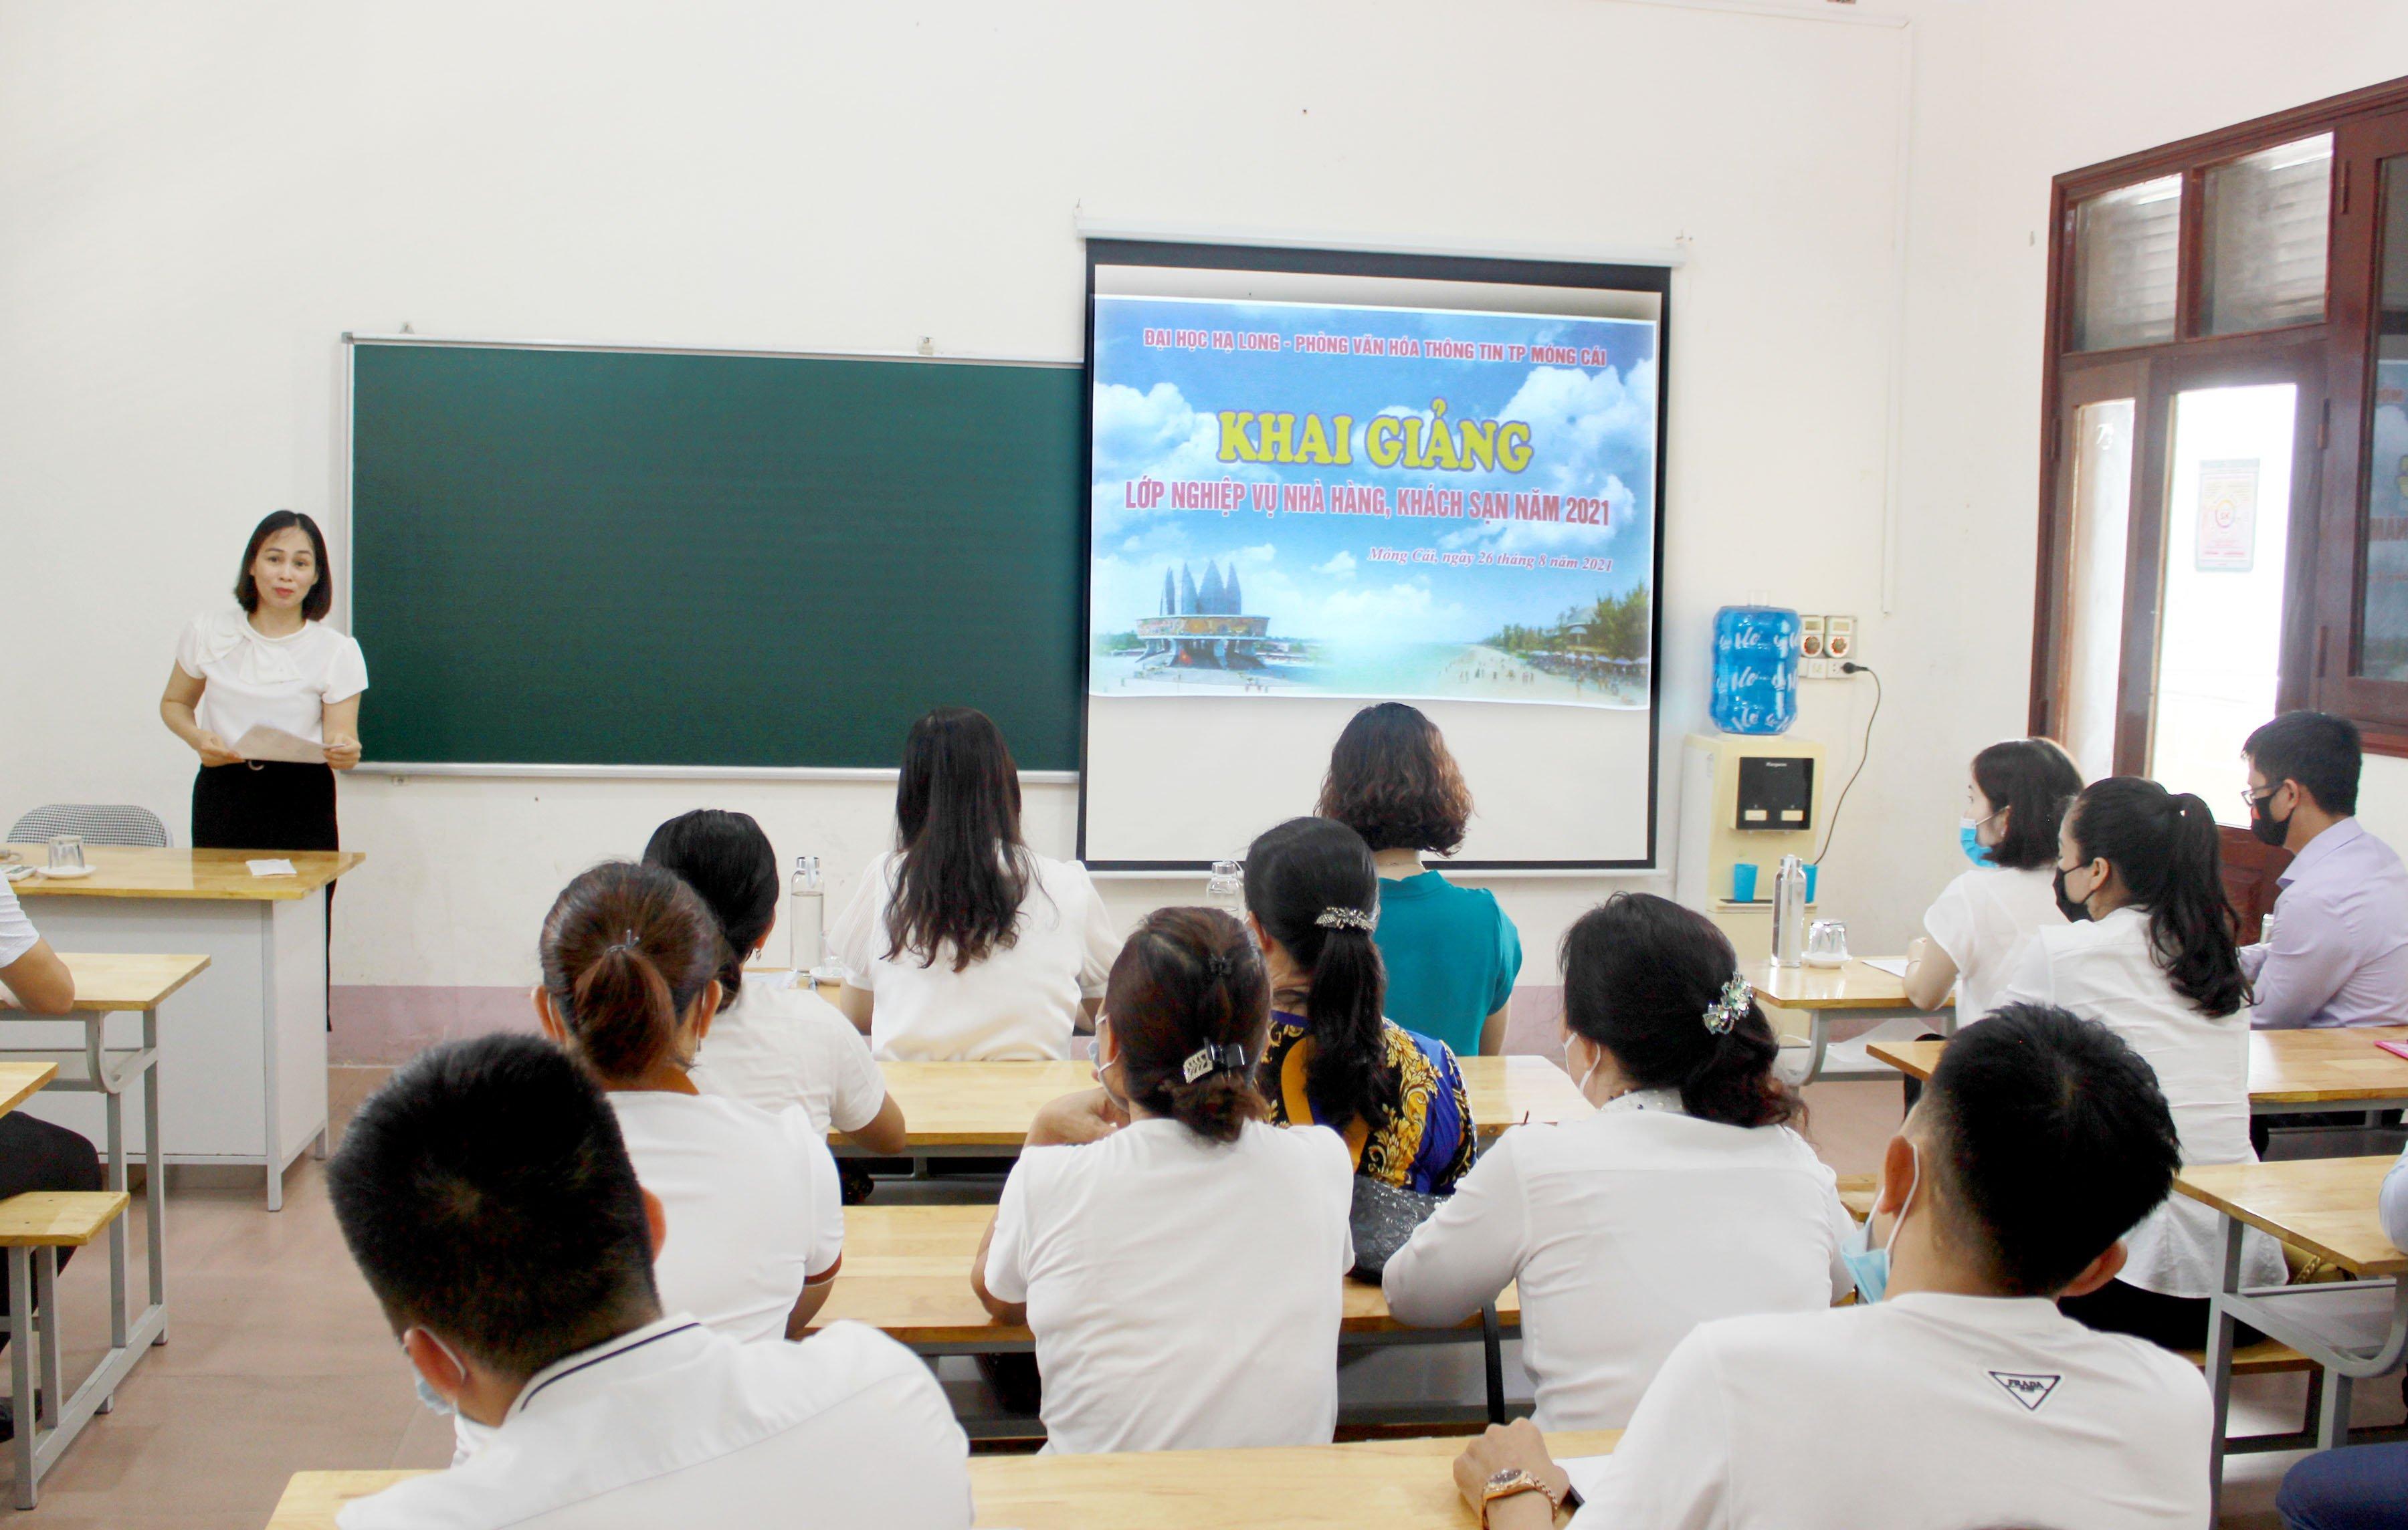 Móng Cái khai giảng lớp nghiệp vụ nhà hàng, khách sạn năm 2021